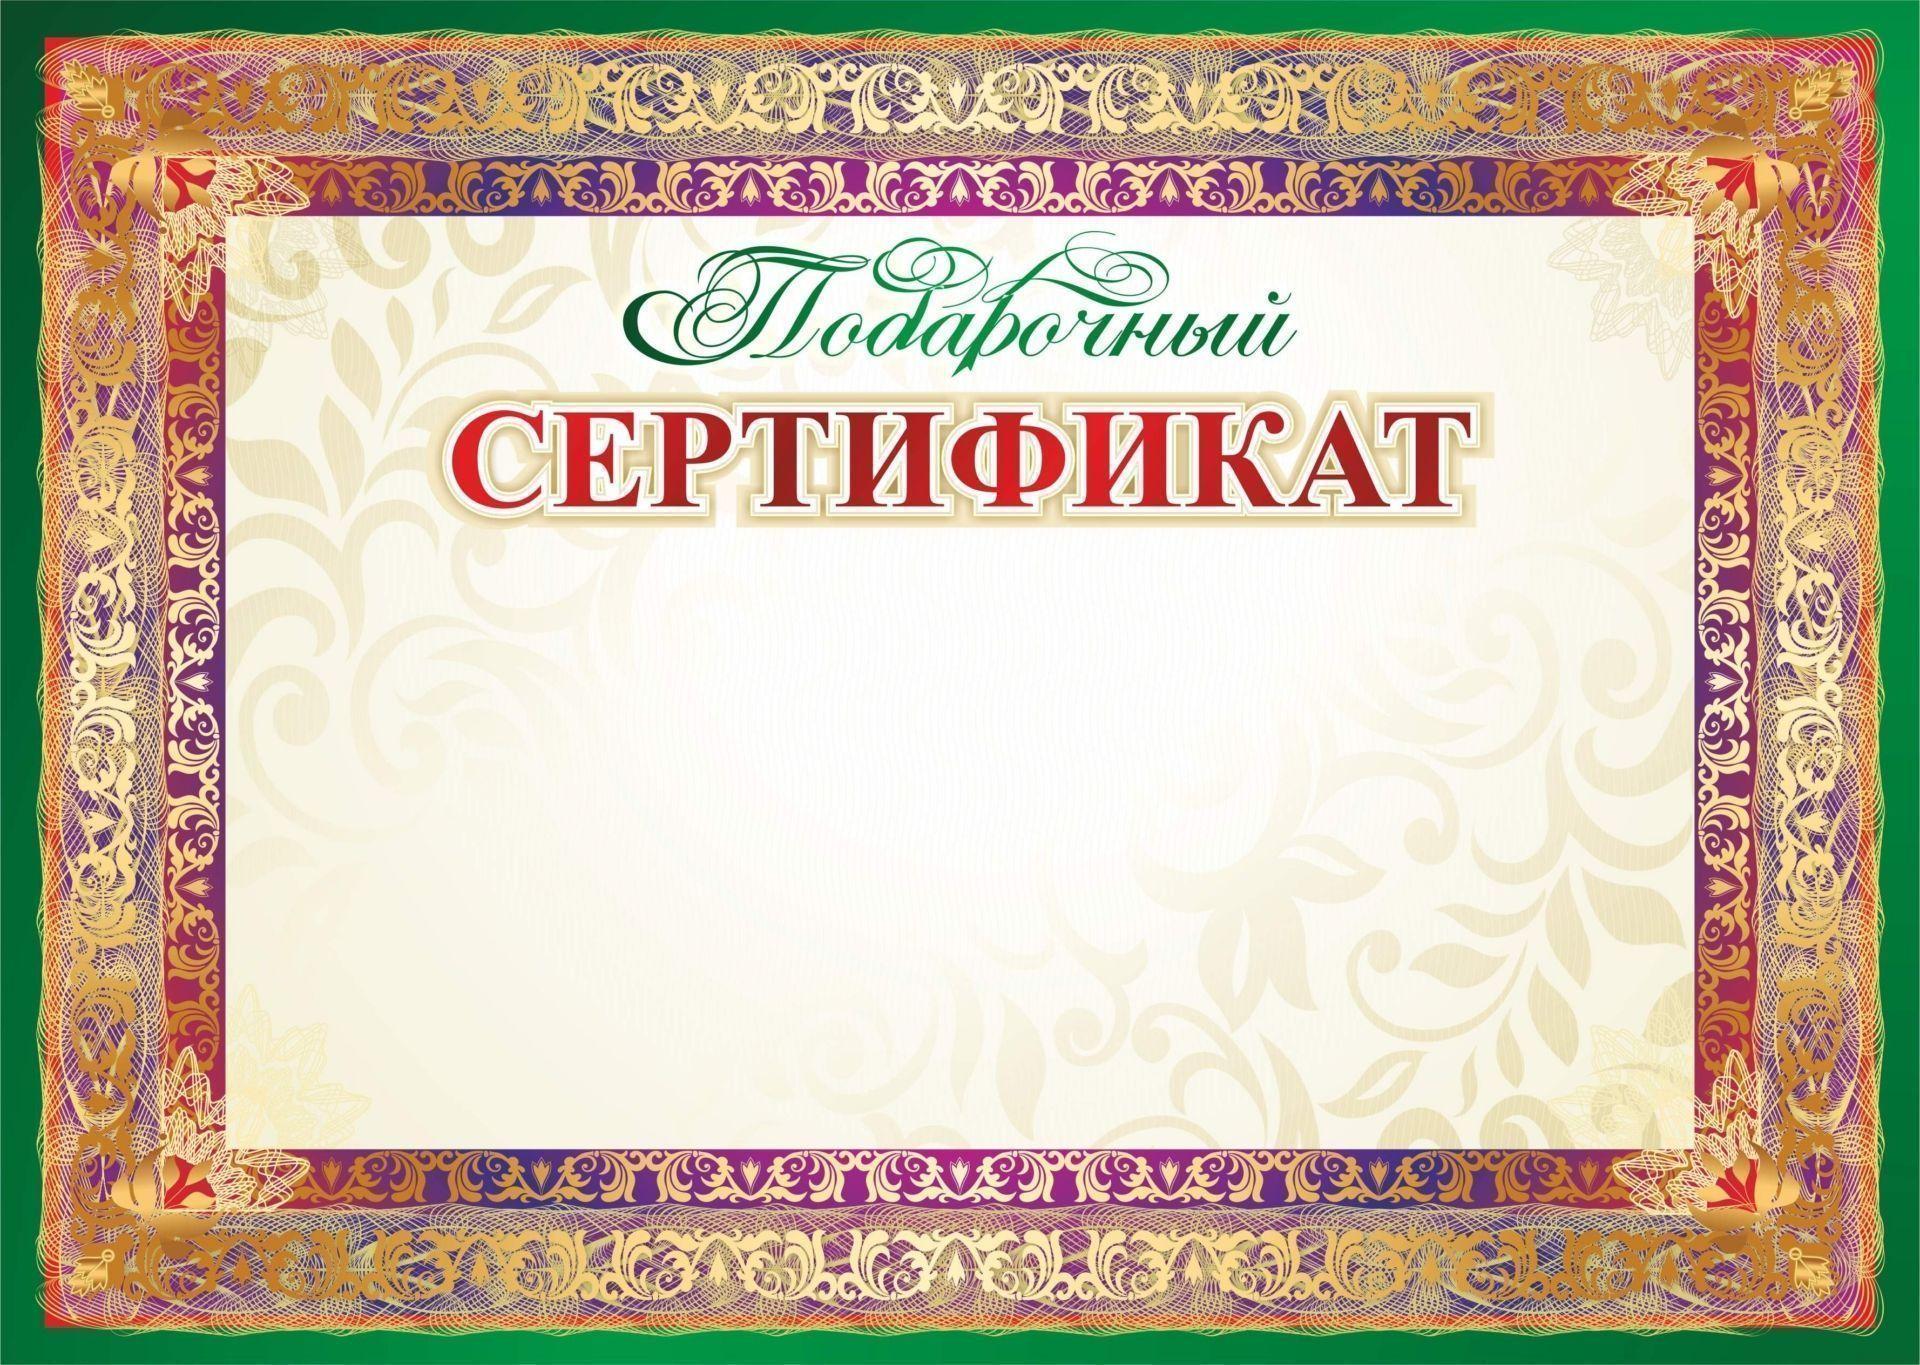 Подарочный сертификатСертификаты<br>Материалы:иллюстрации - бумага мелованная, пл. 250.00.<br><br>Год: 2017<br>Высота: 297<br>Ширина: 210